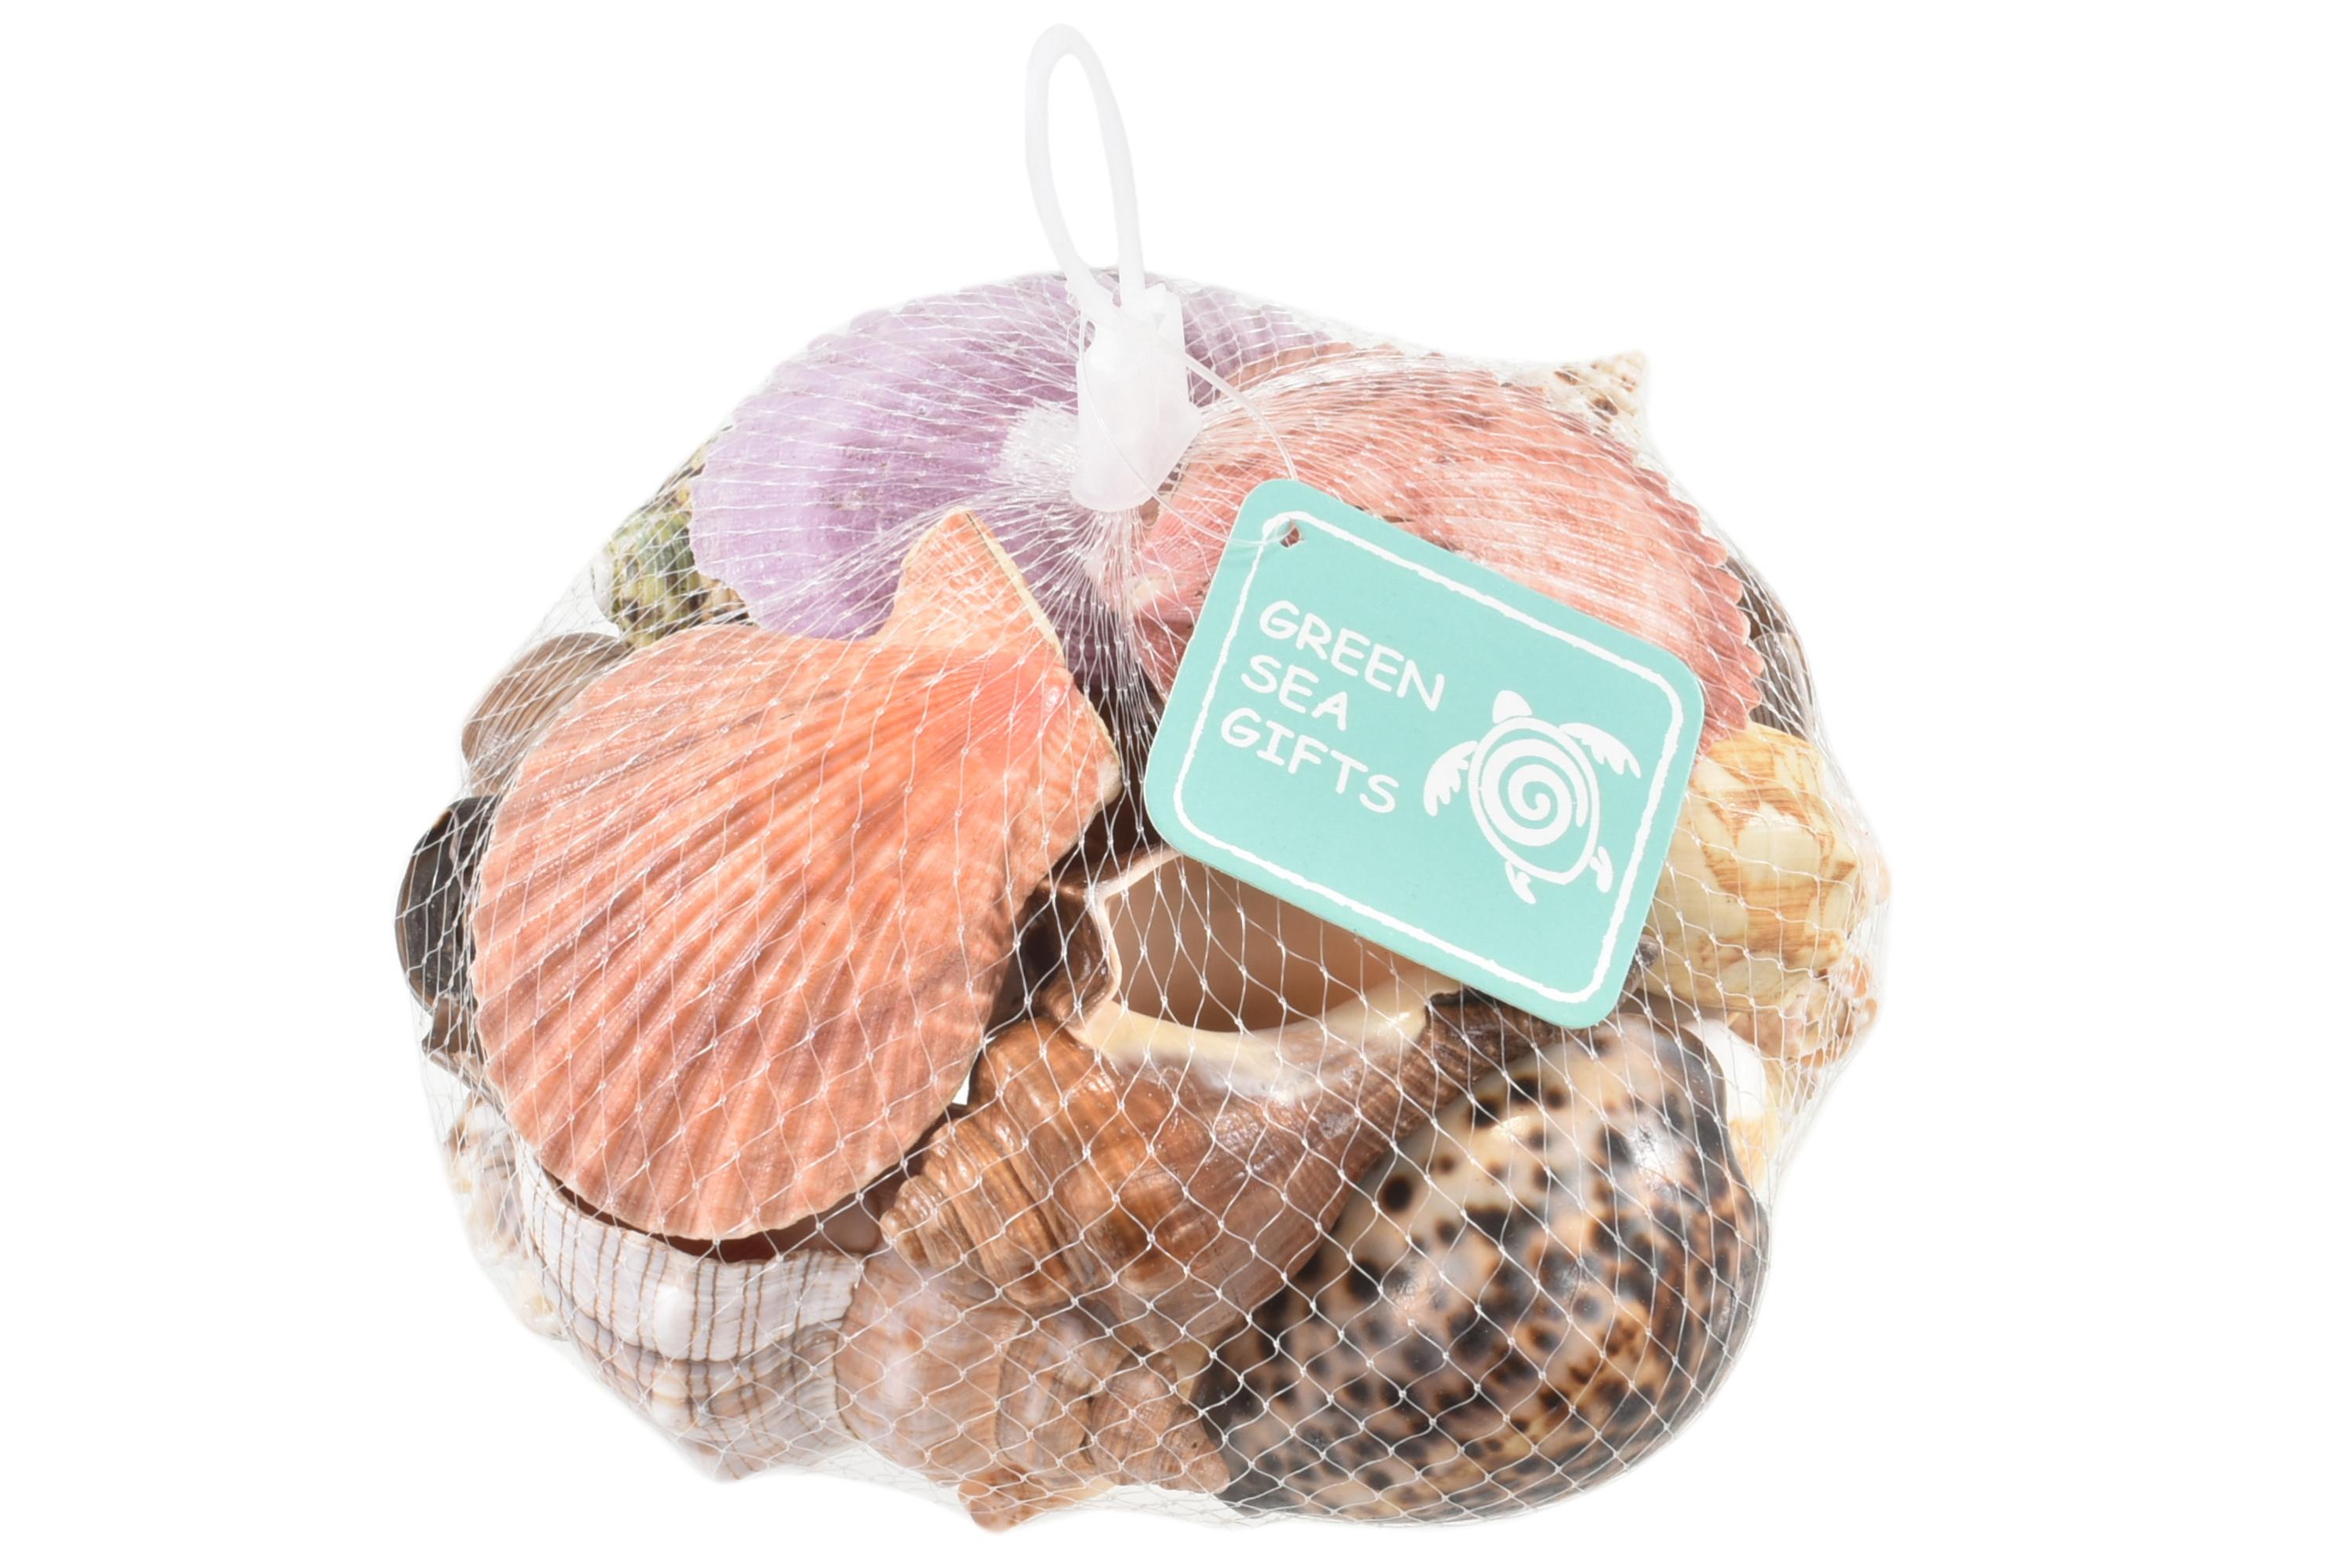 Large Polished Shells In Net Bag